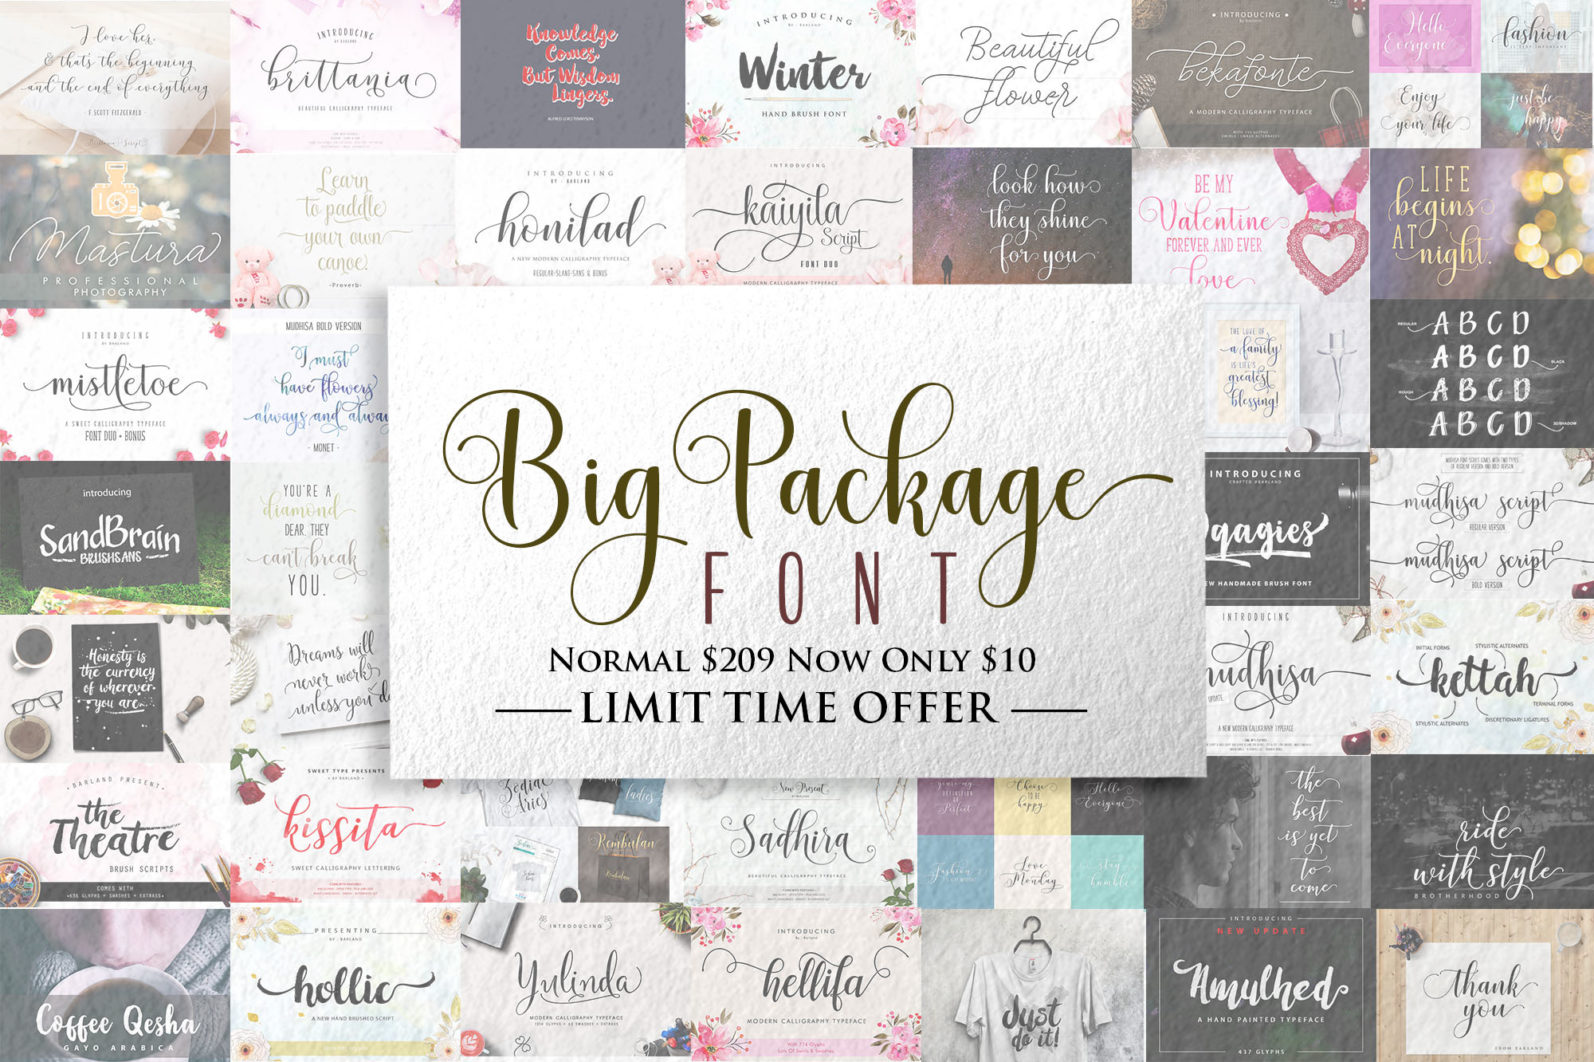 BIG PACKAGE - Font Bundle - 90% Off - Big Package Font Bundle Pinterest -